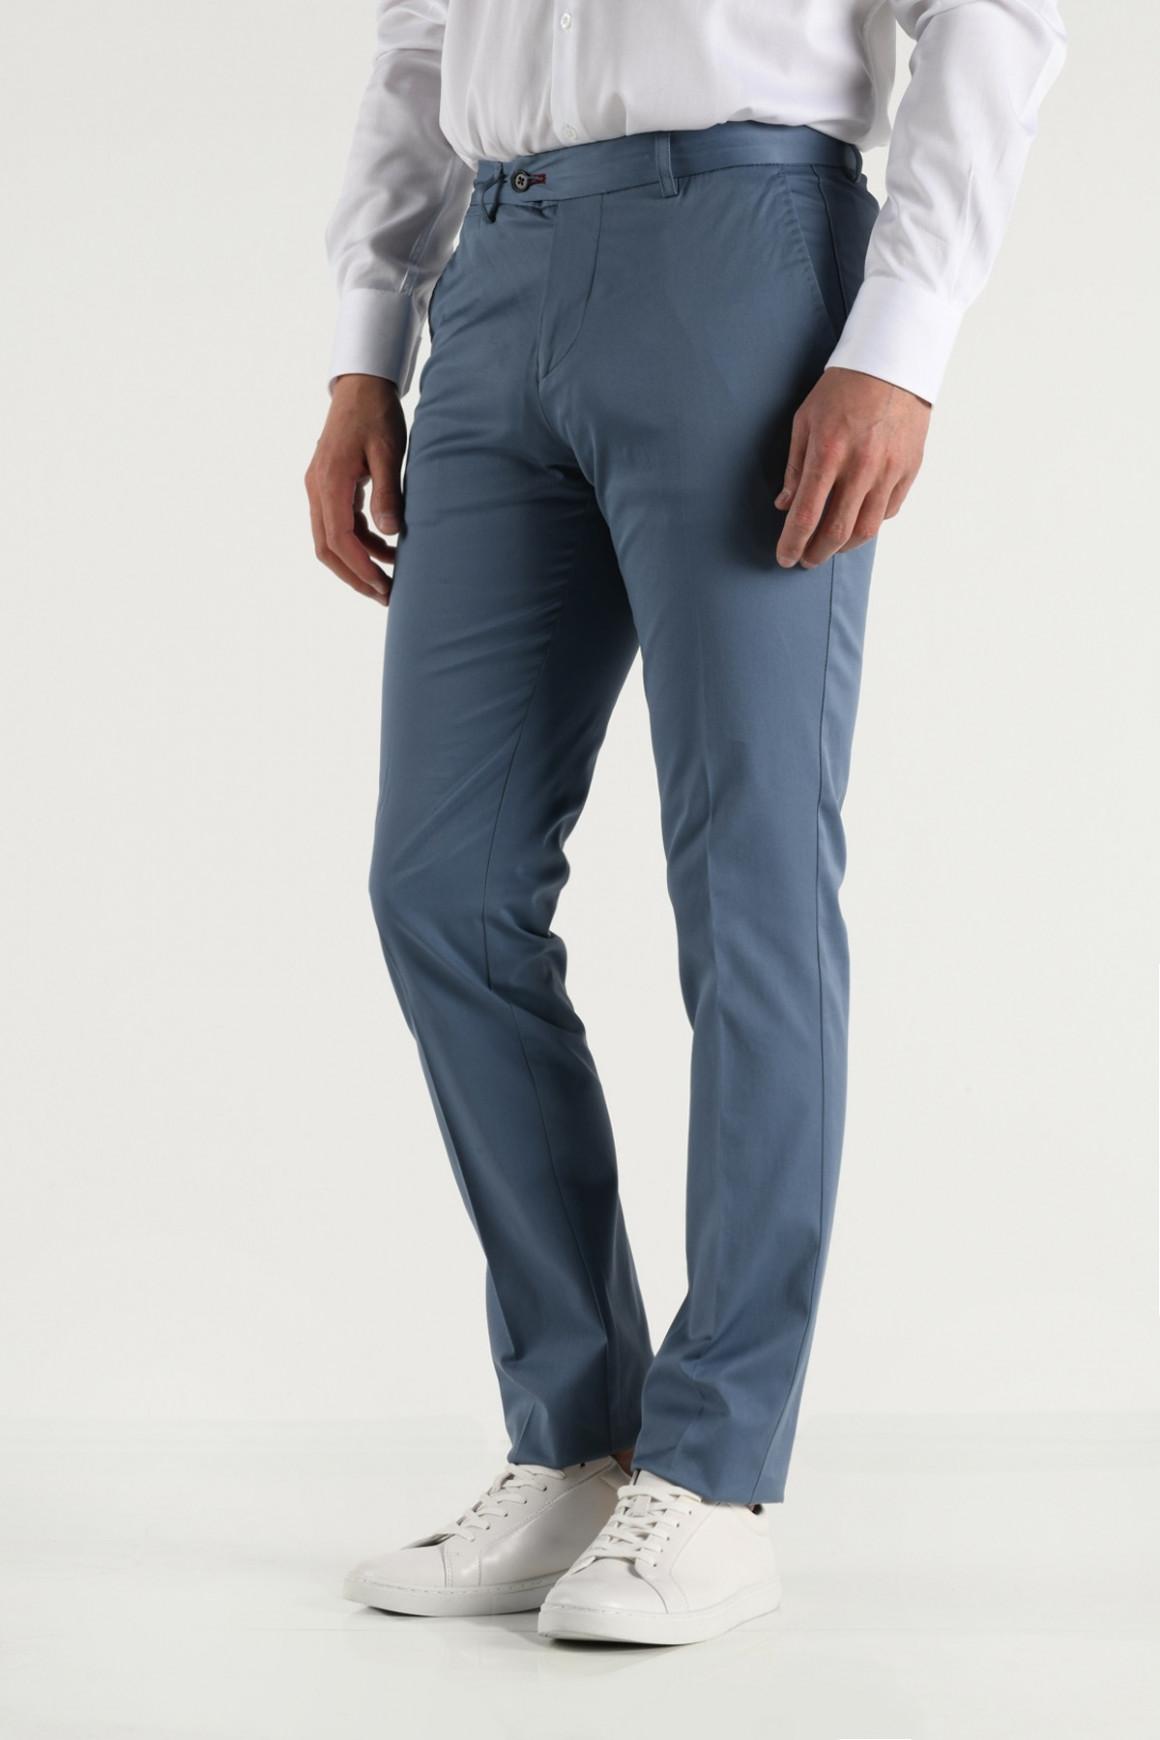 Pantalon VILLE bleu gris